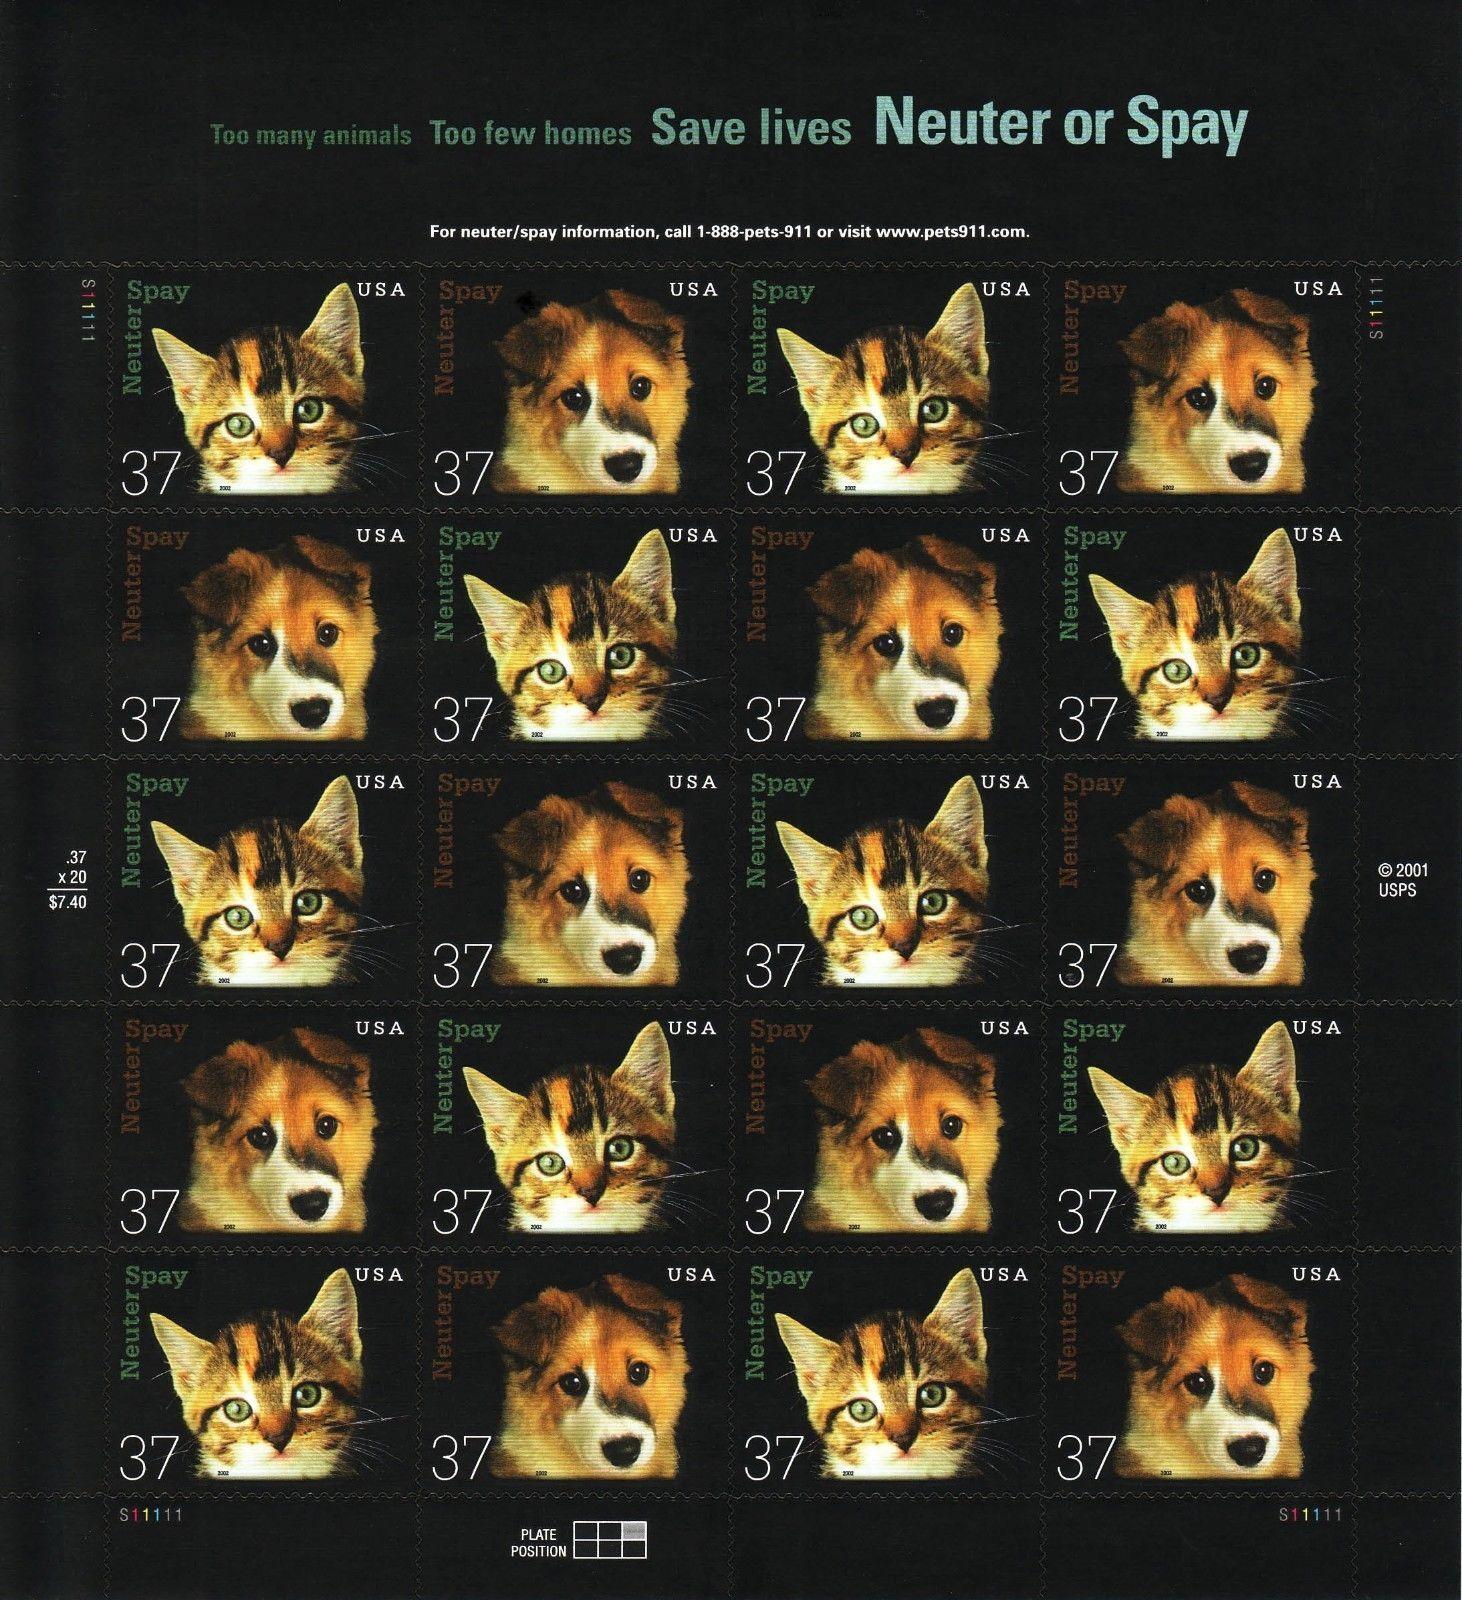 2002 37c Neuter and Spay, Sheet of 20 Scott 3670-71 Min